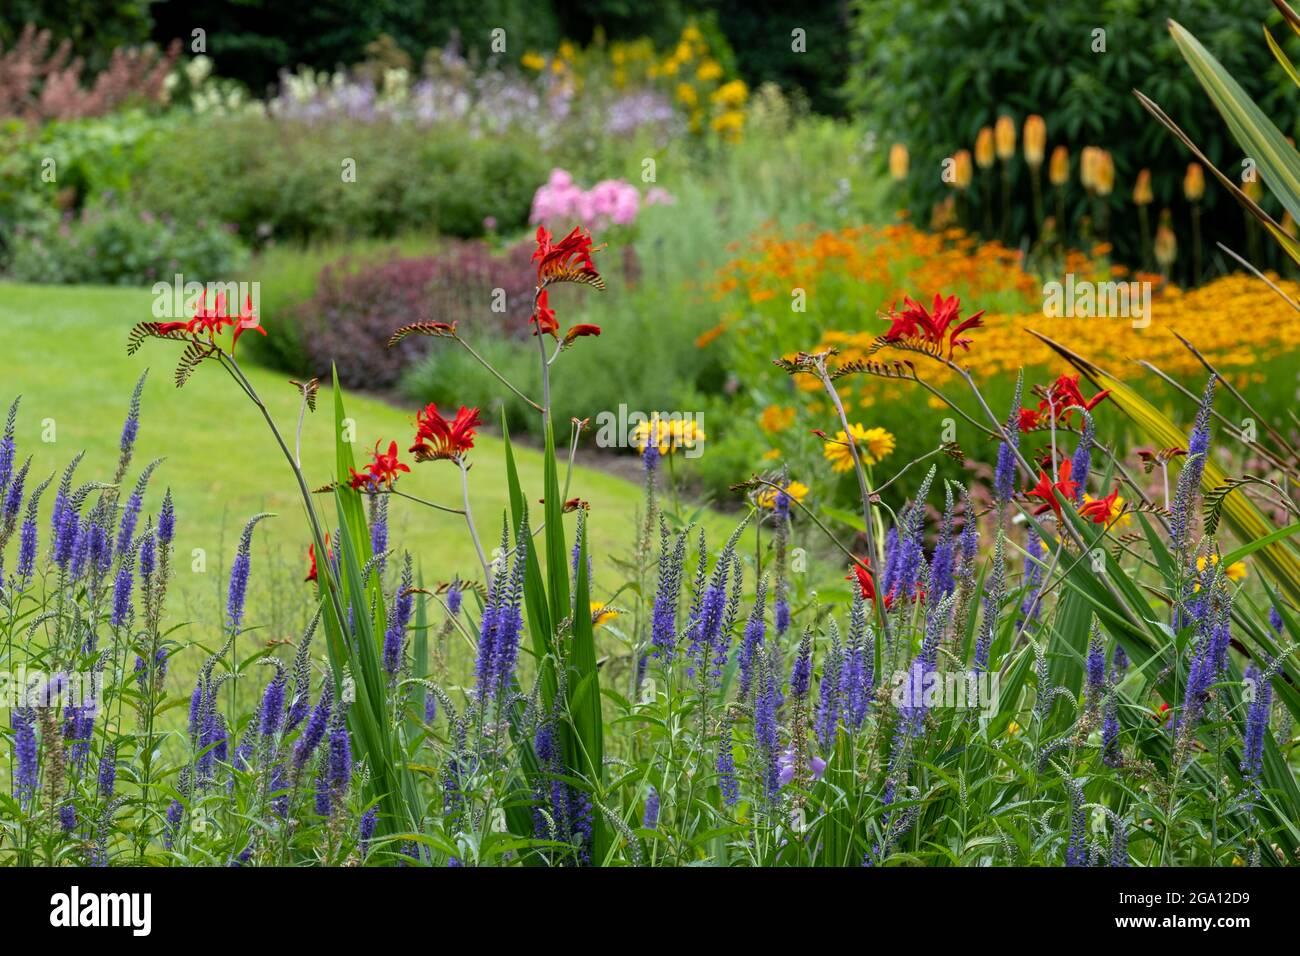 Bressingham Gardens près de DISS dans Norfolk. Jardin coloré planté dans un style de plantation naturaliste avec une large palette de couleurs. Banque D'Images